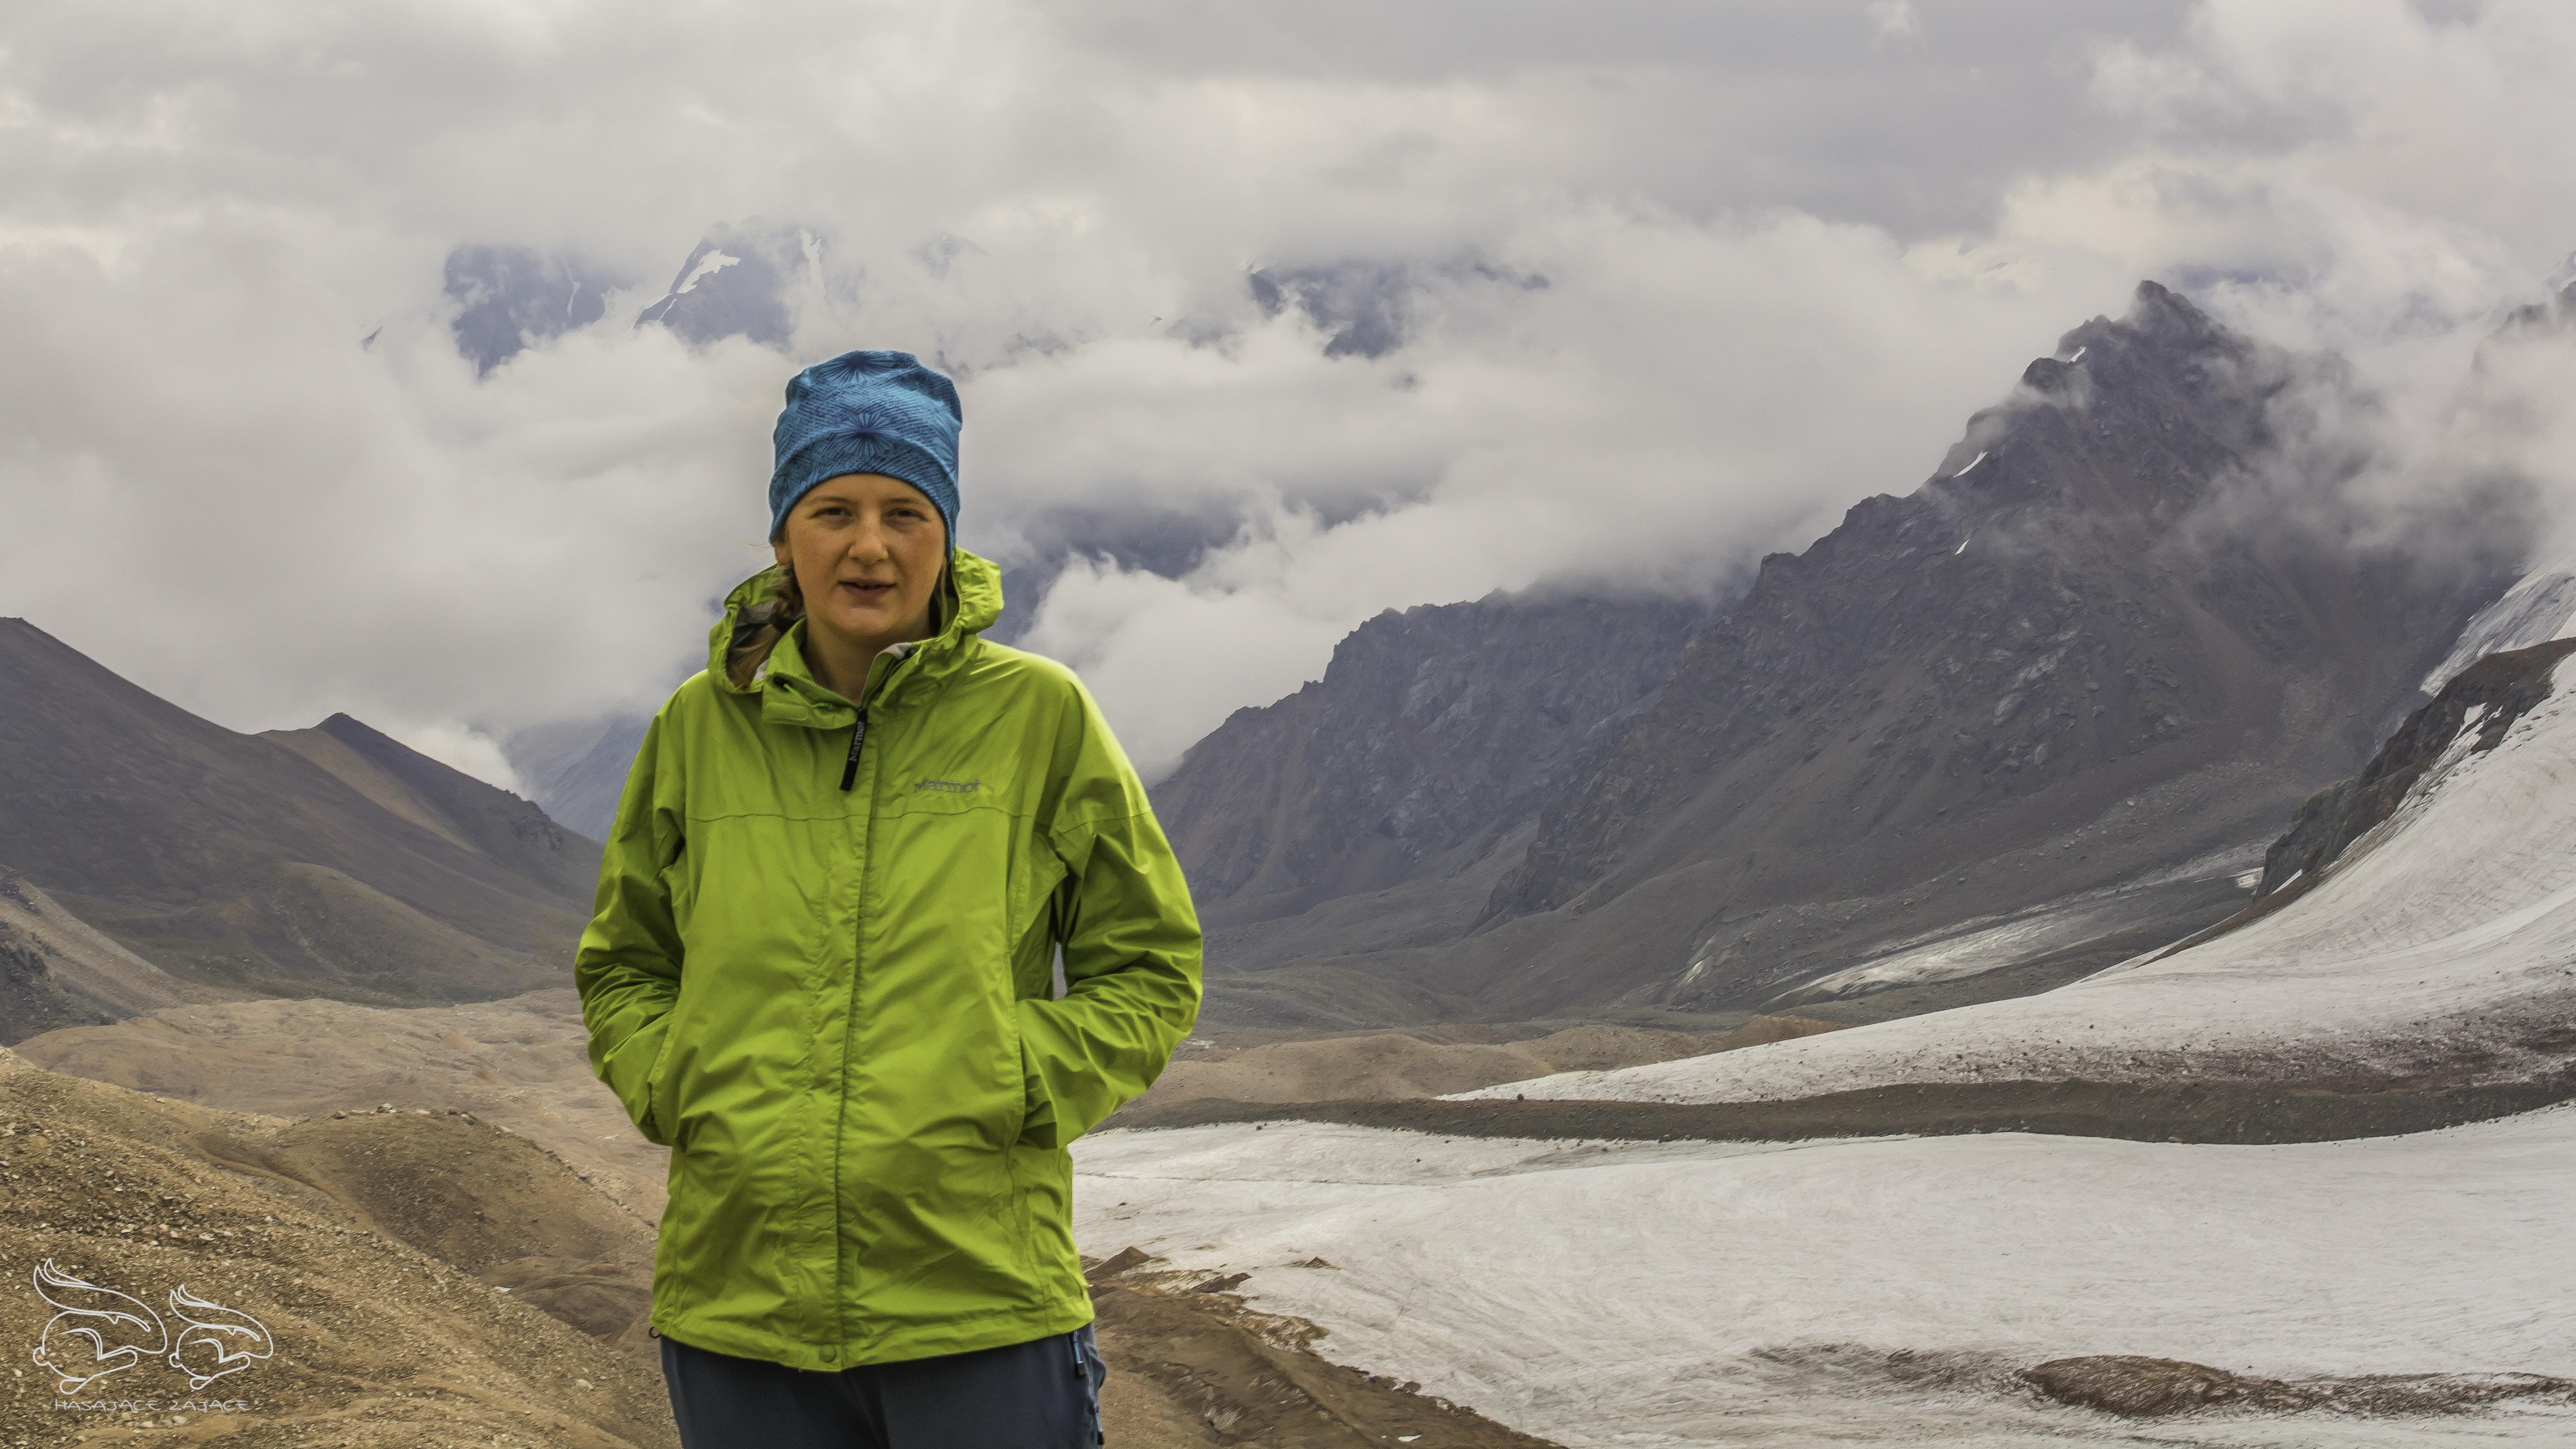 Kurtka Marmot Precip (2,5L) naPrzełęczy Turystów wAlatau Zailijskim, Kazachstan.